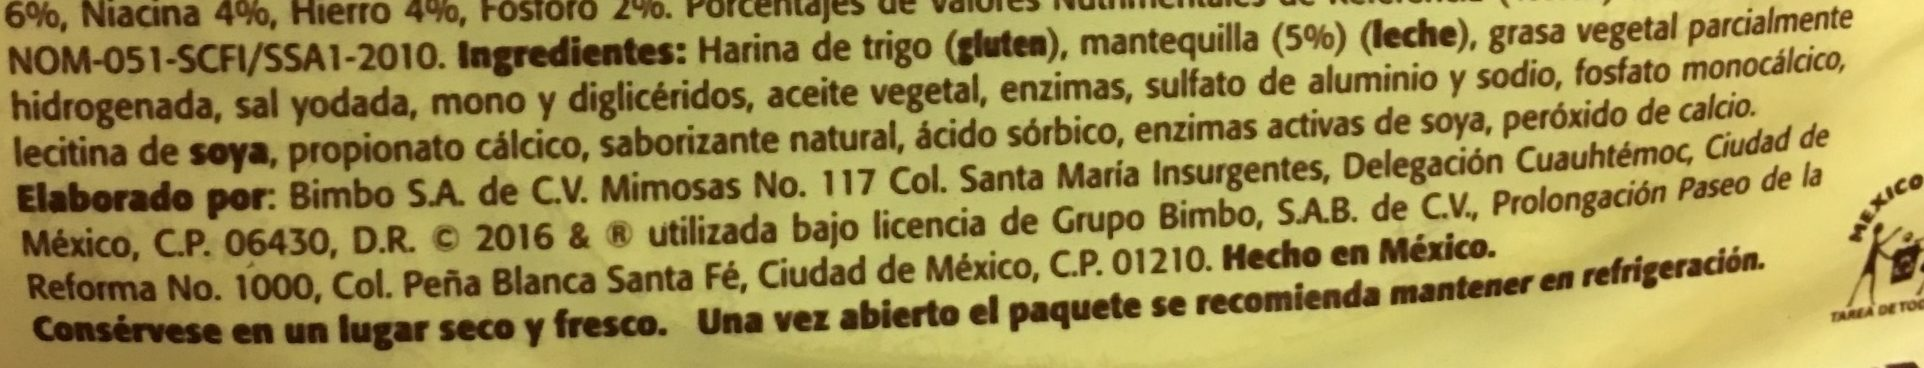 Tortillinas con Mantequilla - Ingrediënten - es